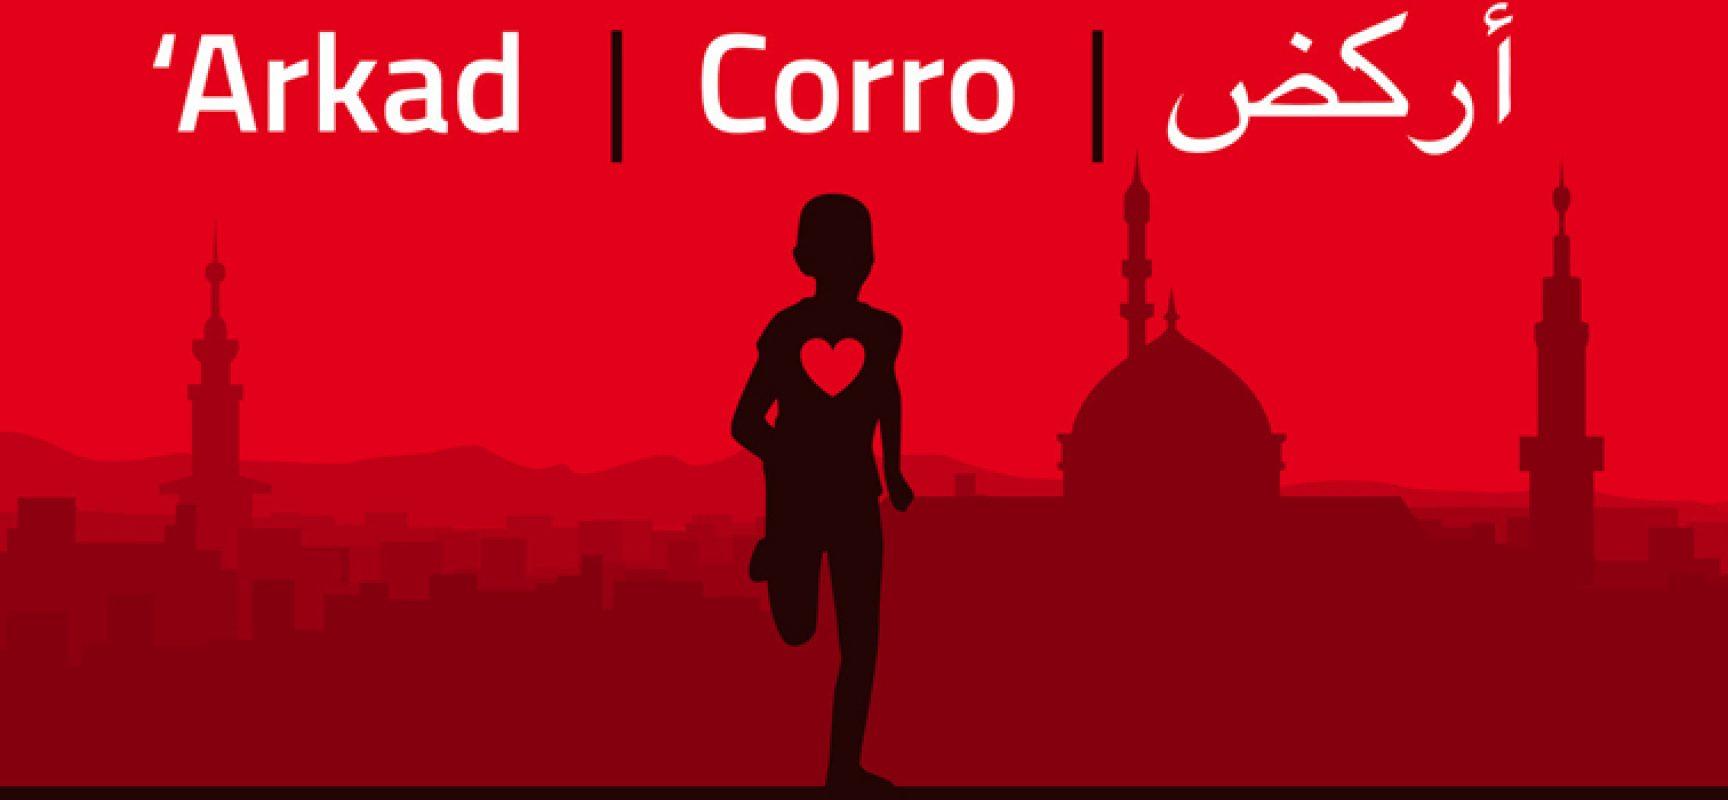 Chiara Cannito questa sera presenta la sua graphic novel sulla situazione siriana